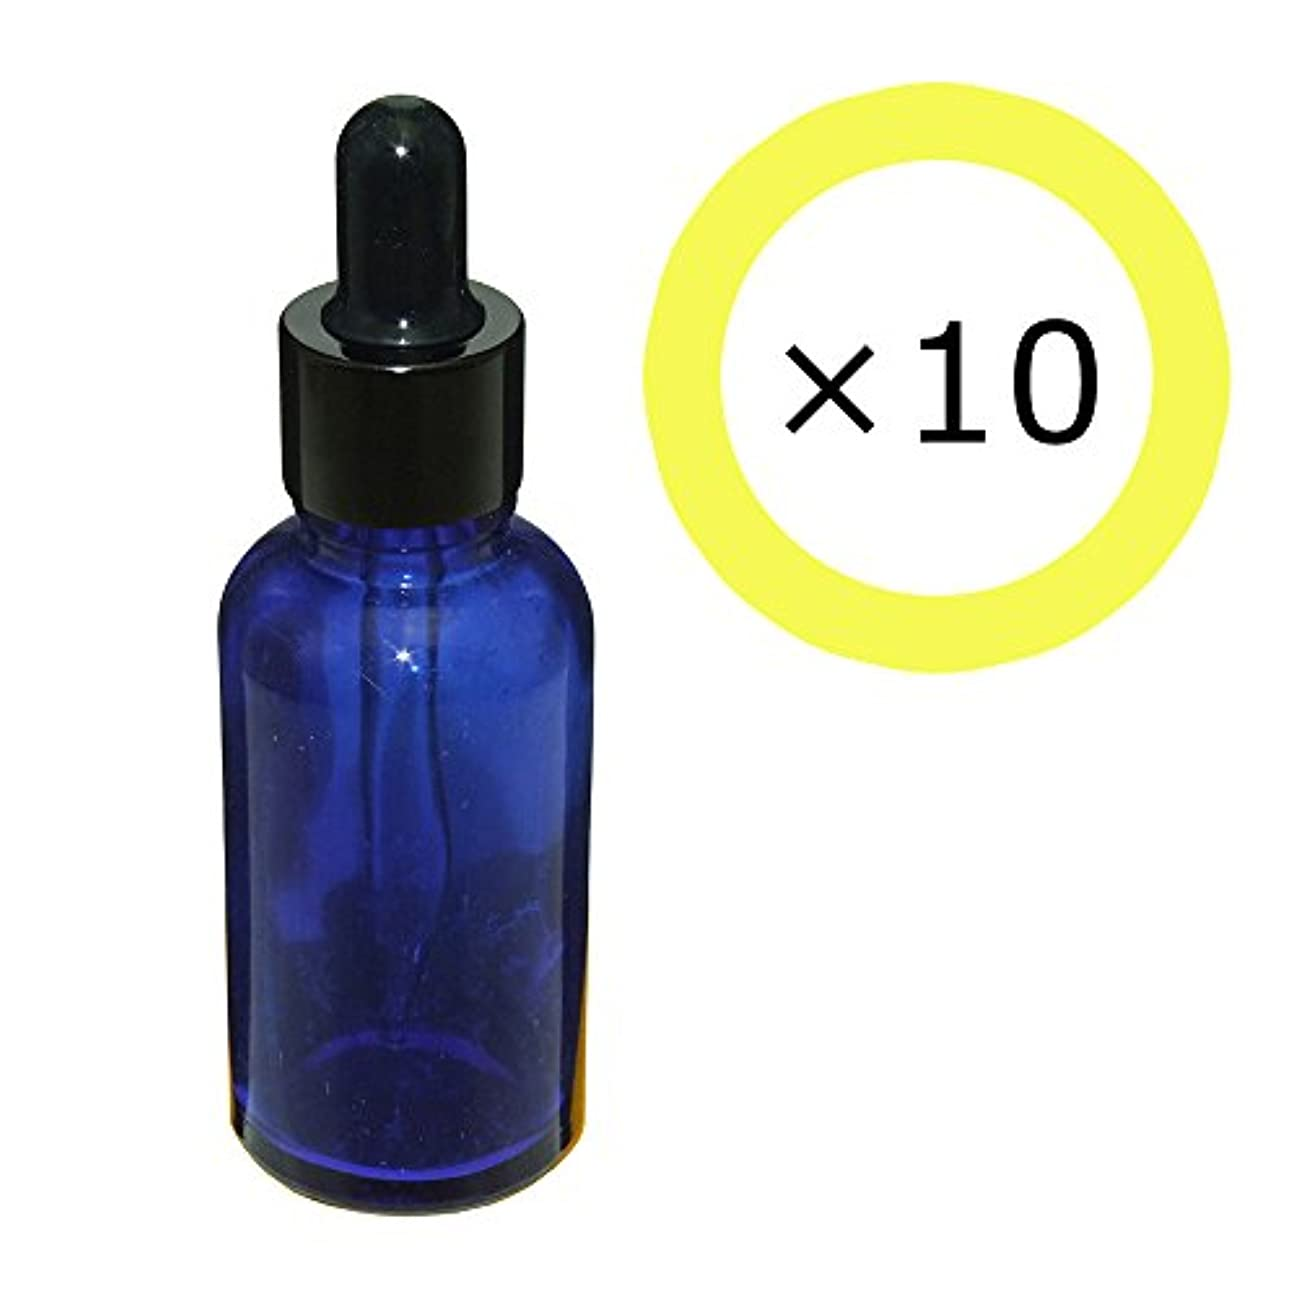 不良補体着陸ガレージ?ゼロ 遮光ガラス スポイド瓶 先細タイプ 青 30ml×10個/アロマ保存